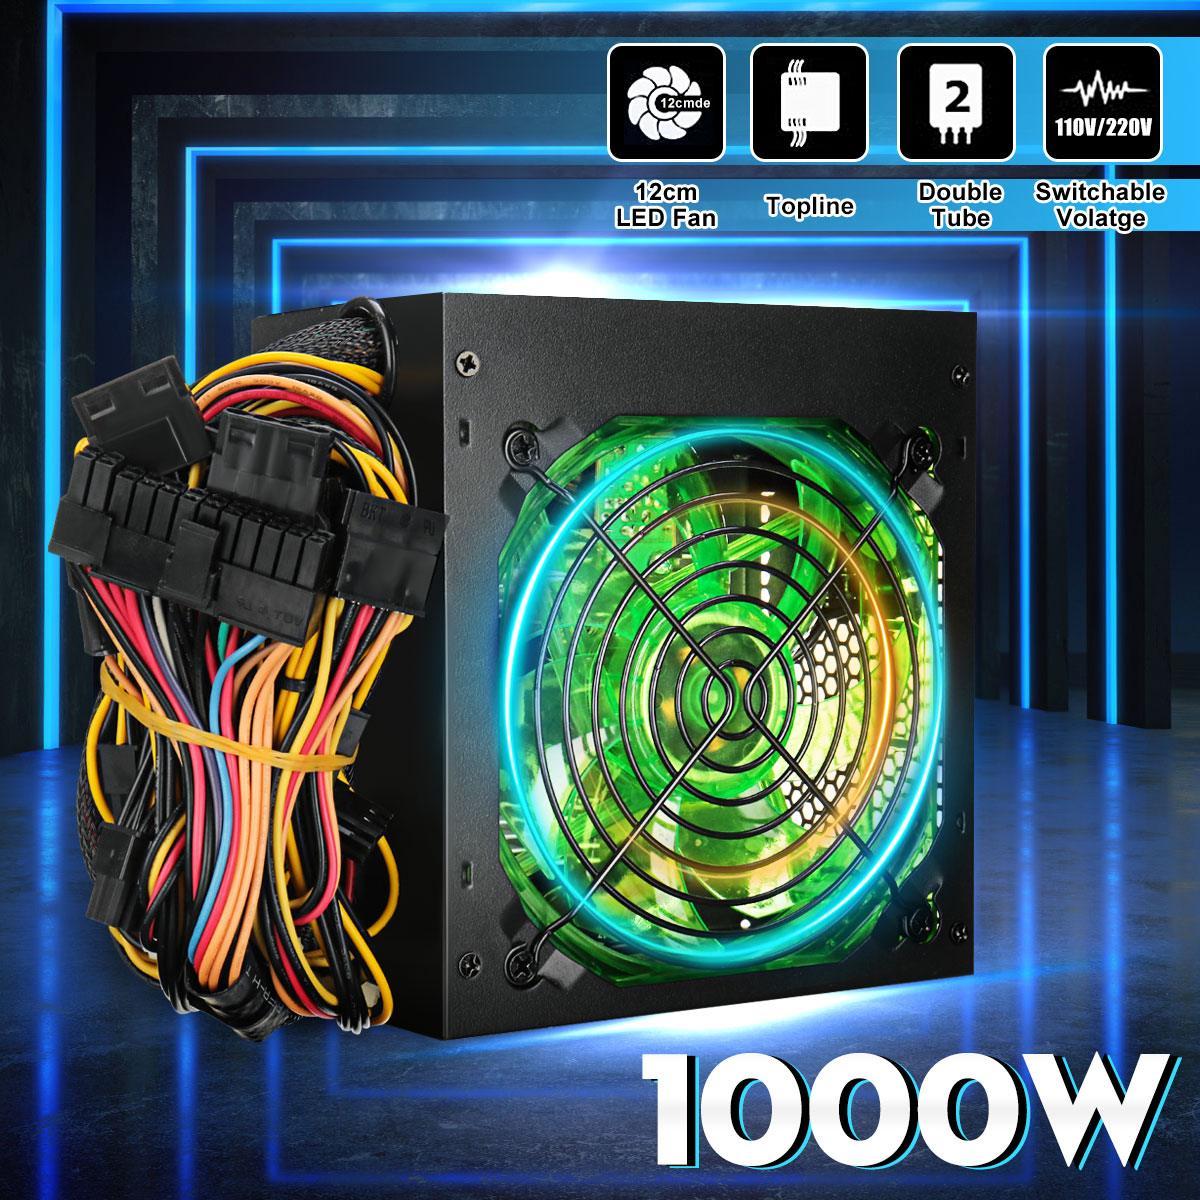 Noir 1000 W 110 ~ 220 V alimentation PSU PFC 12 cm LED ventilateur silencieux ATX 24pin 12 V PC ordinateur SATA alimentation de jeu pour Intel AMD bureau